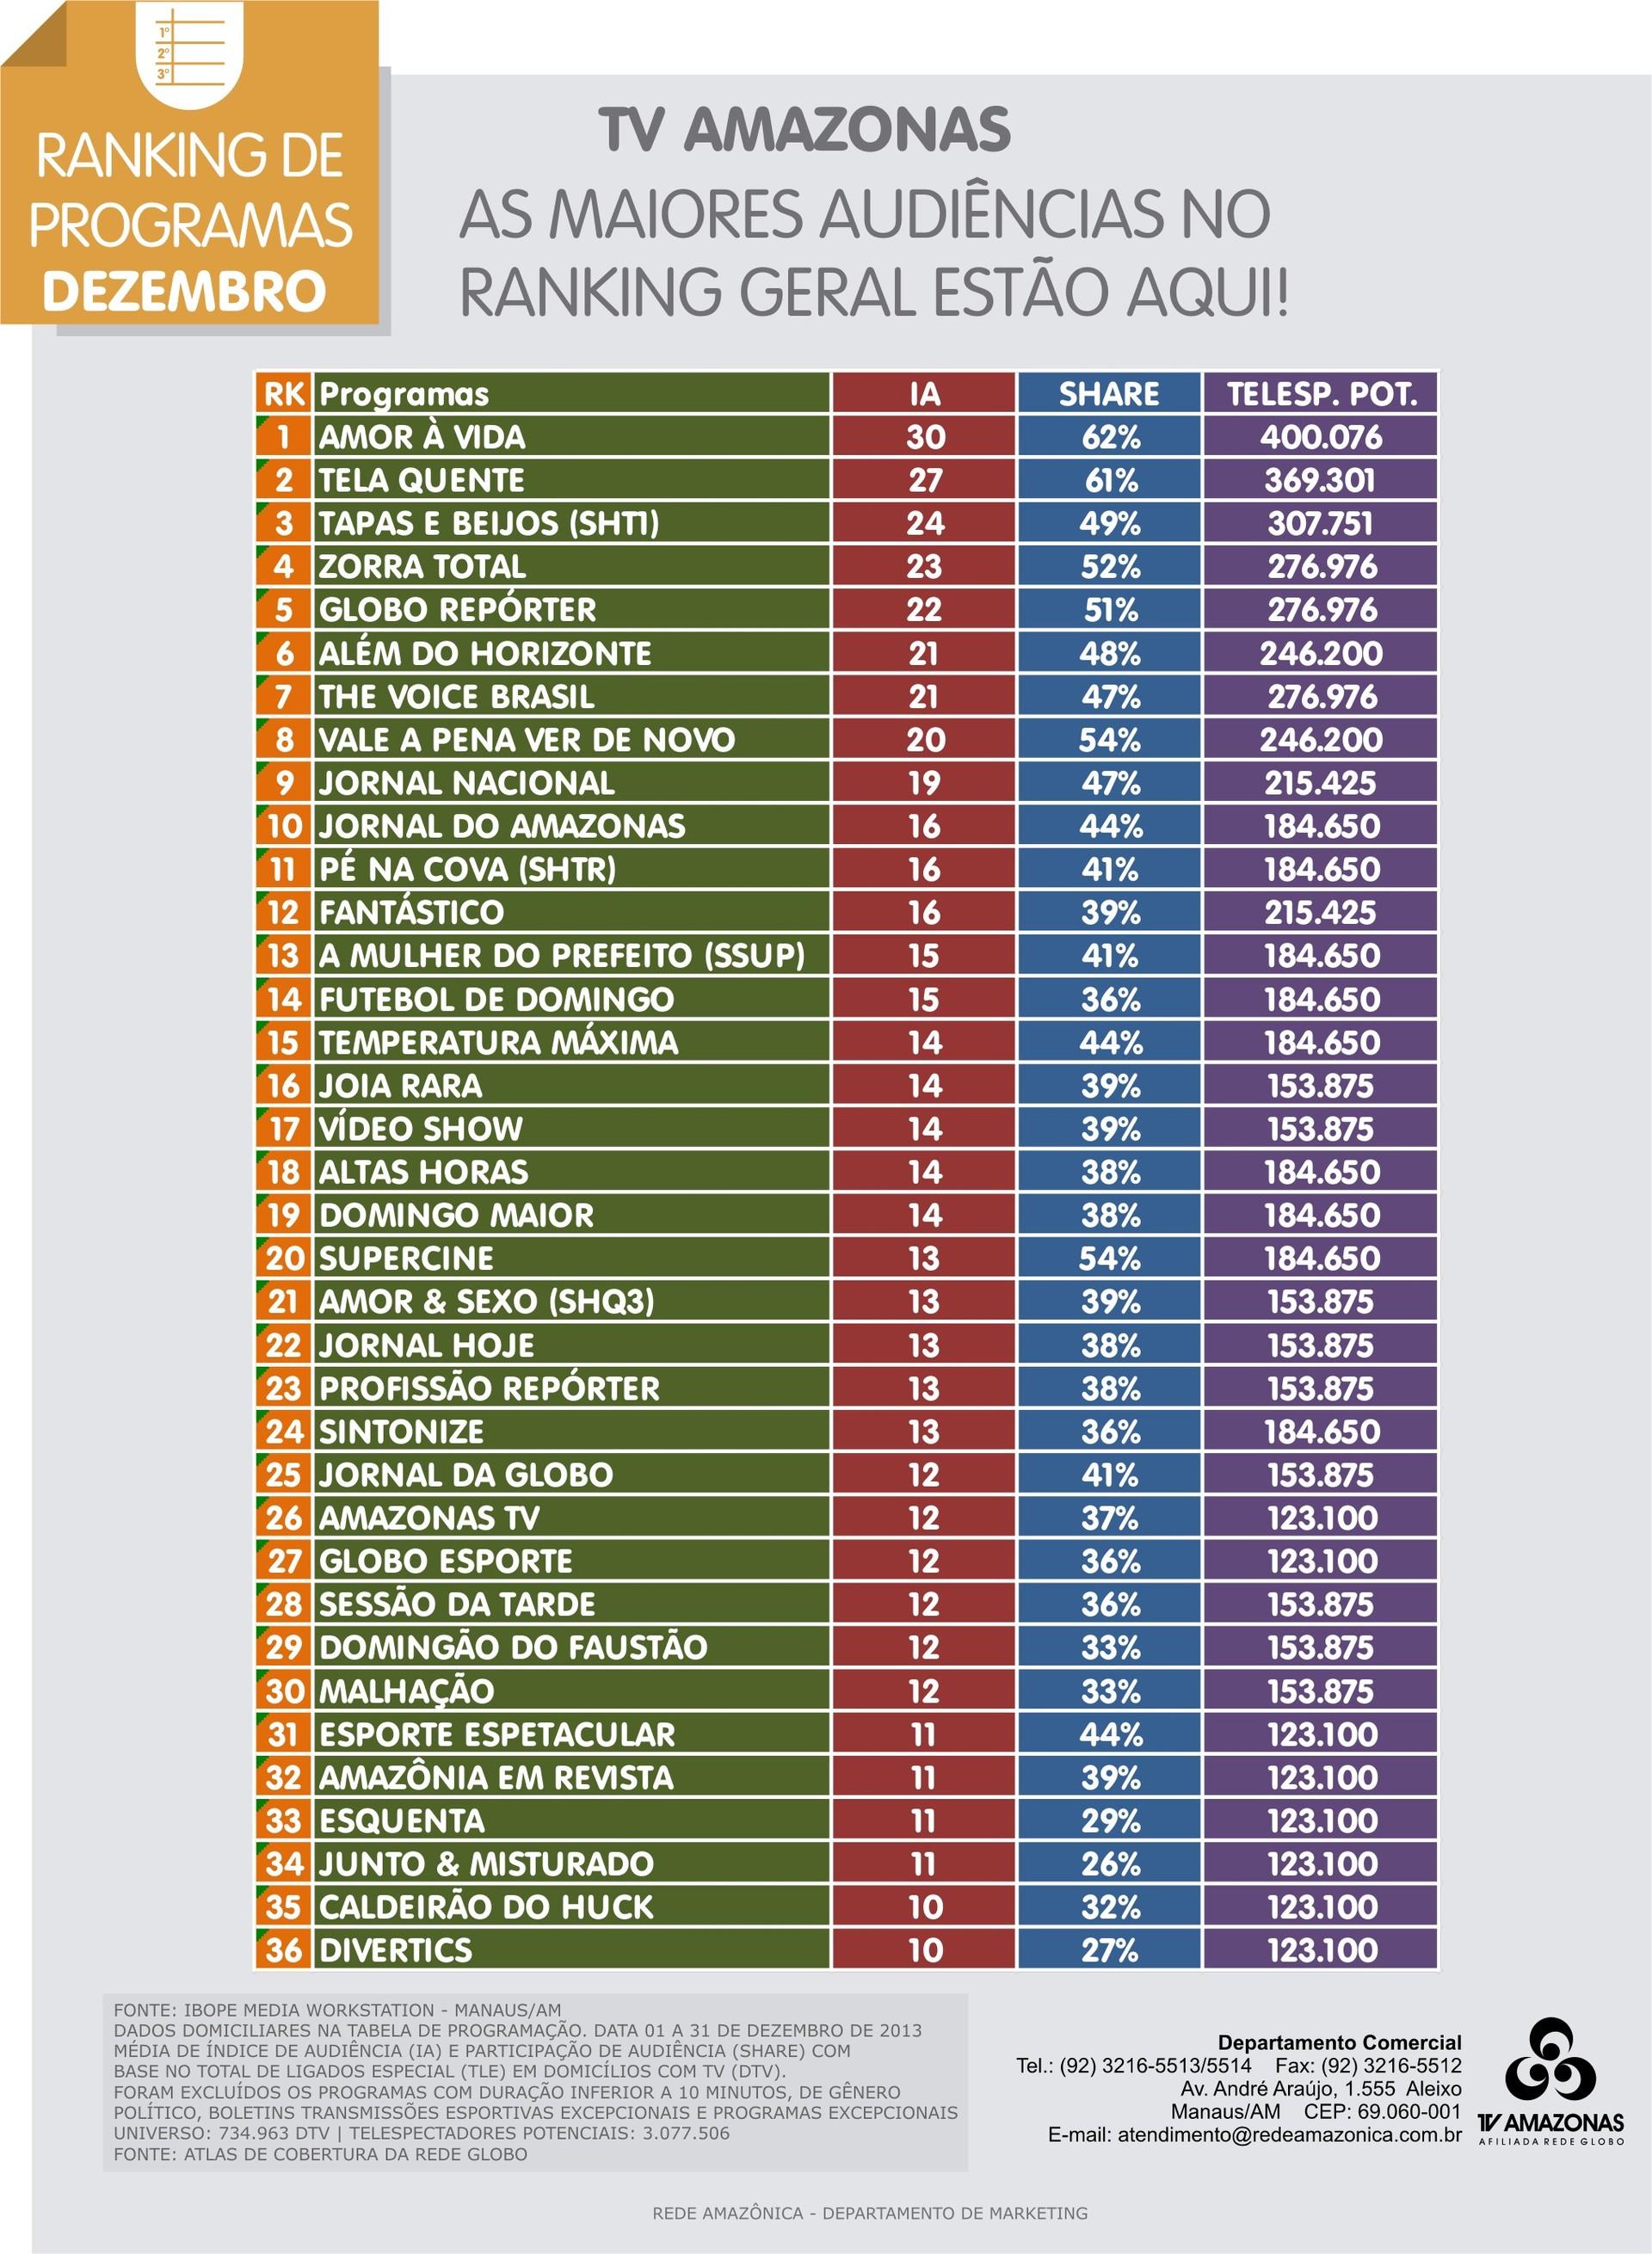 TV Amazonas: confira o ranking geral de programas do mês de dezembro (Foto: TV Amazonas)